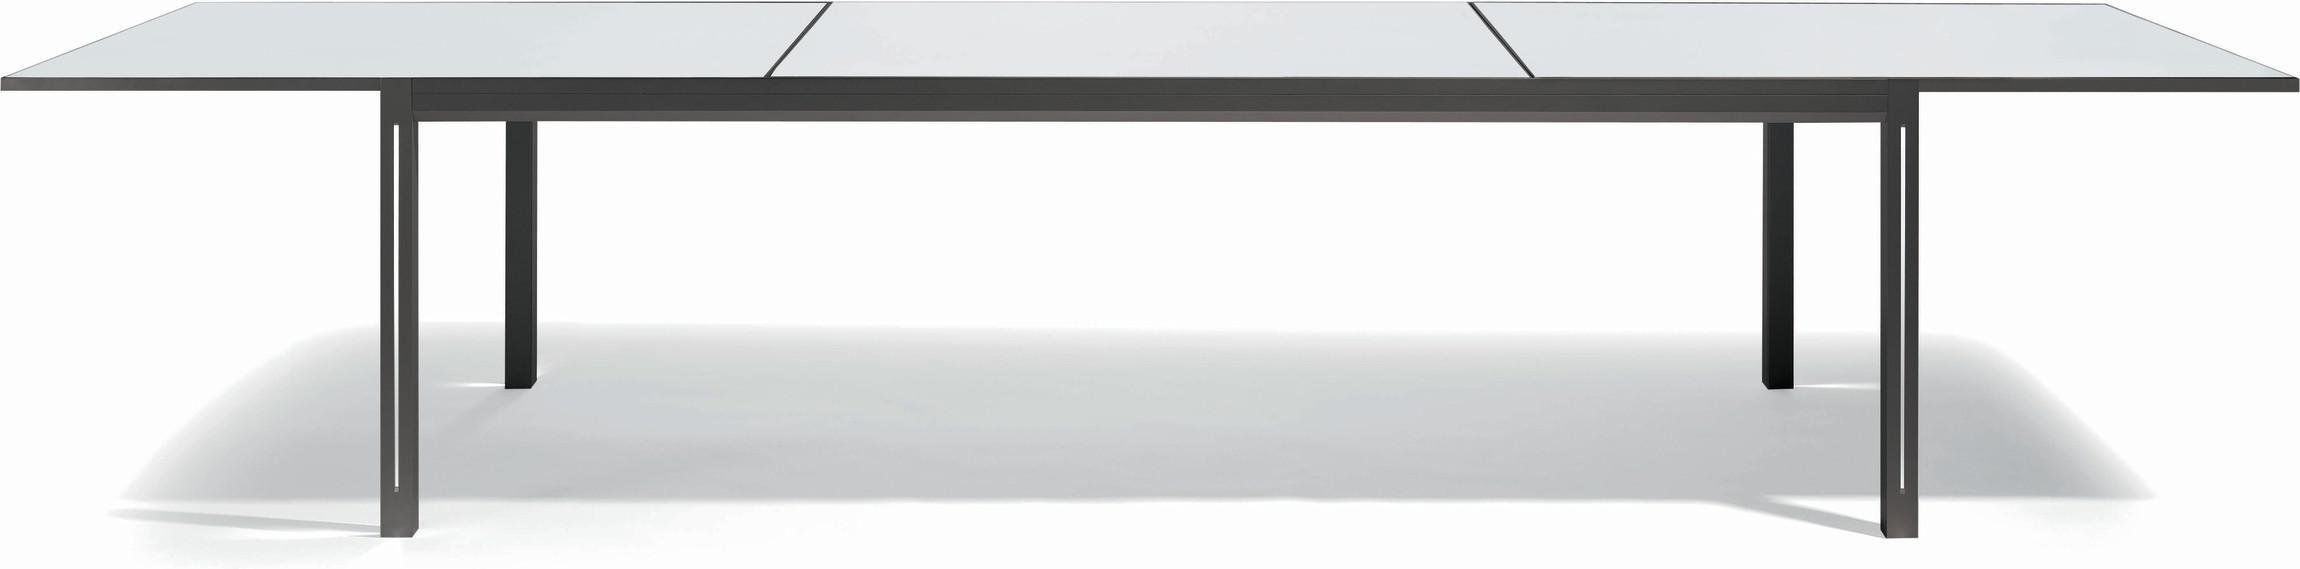 Table à manger Luna - lave - GLW 360 - LED